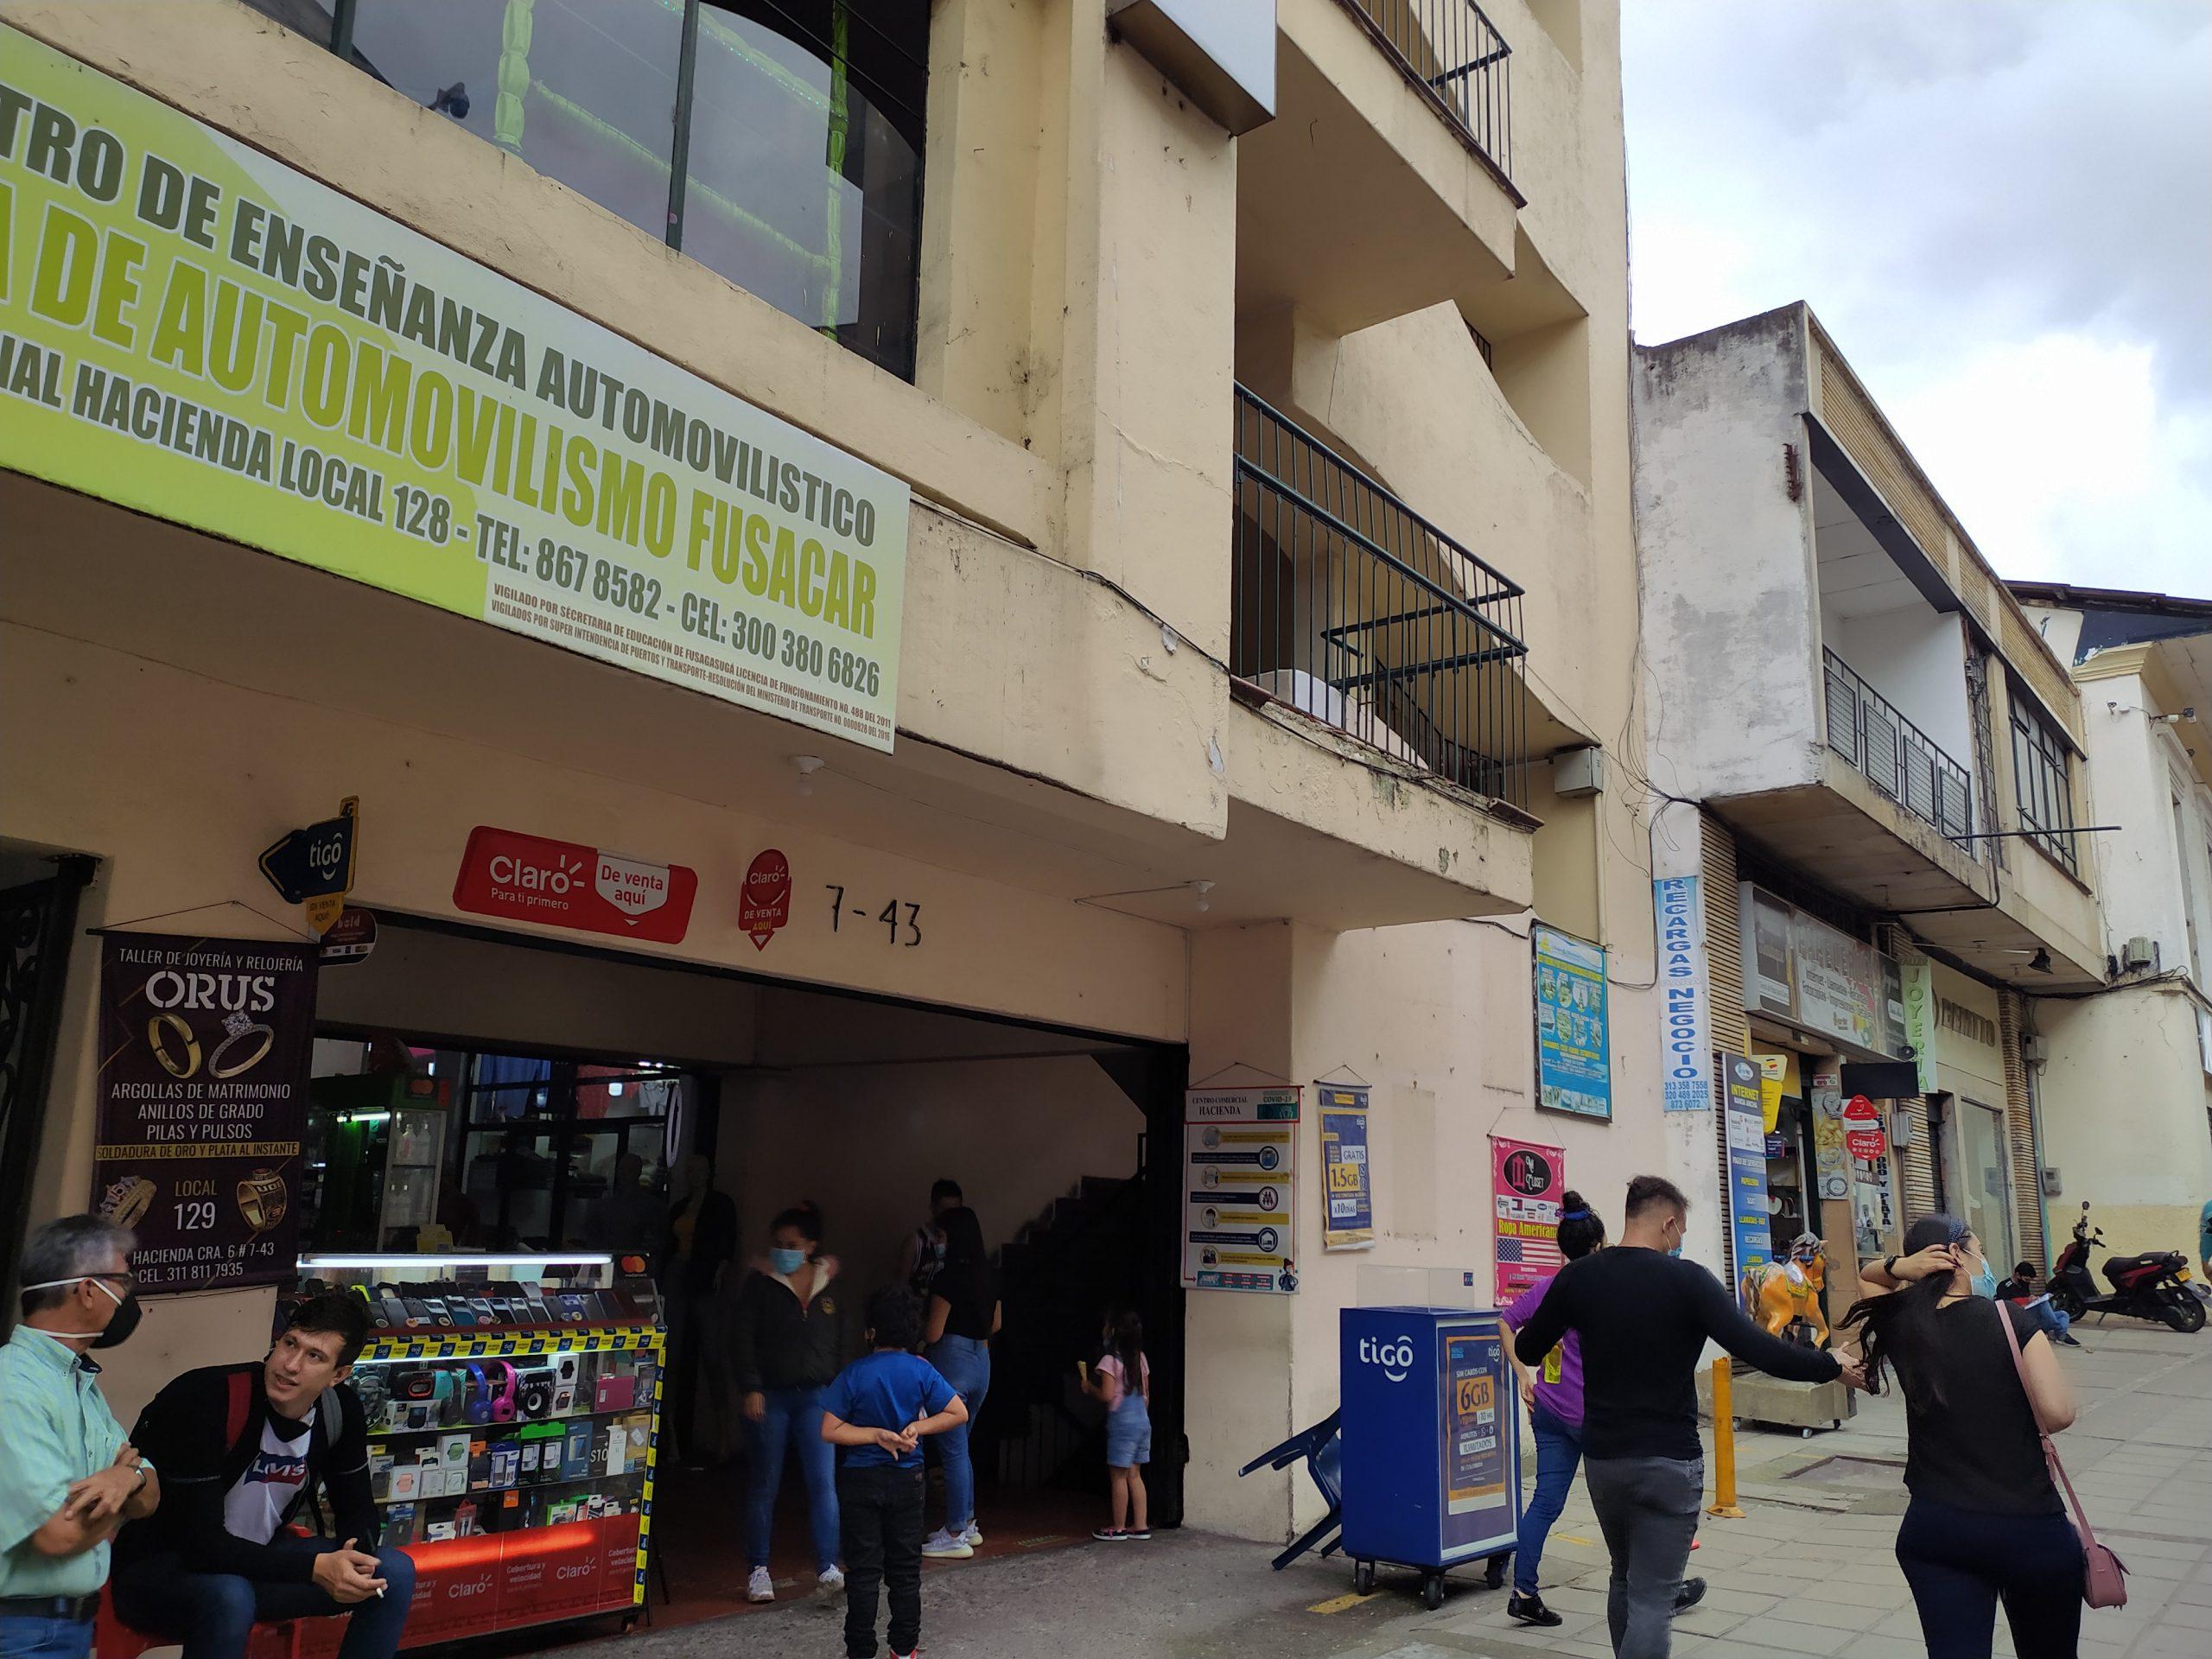 Edificio en Fusagasugá Colombia